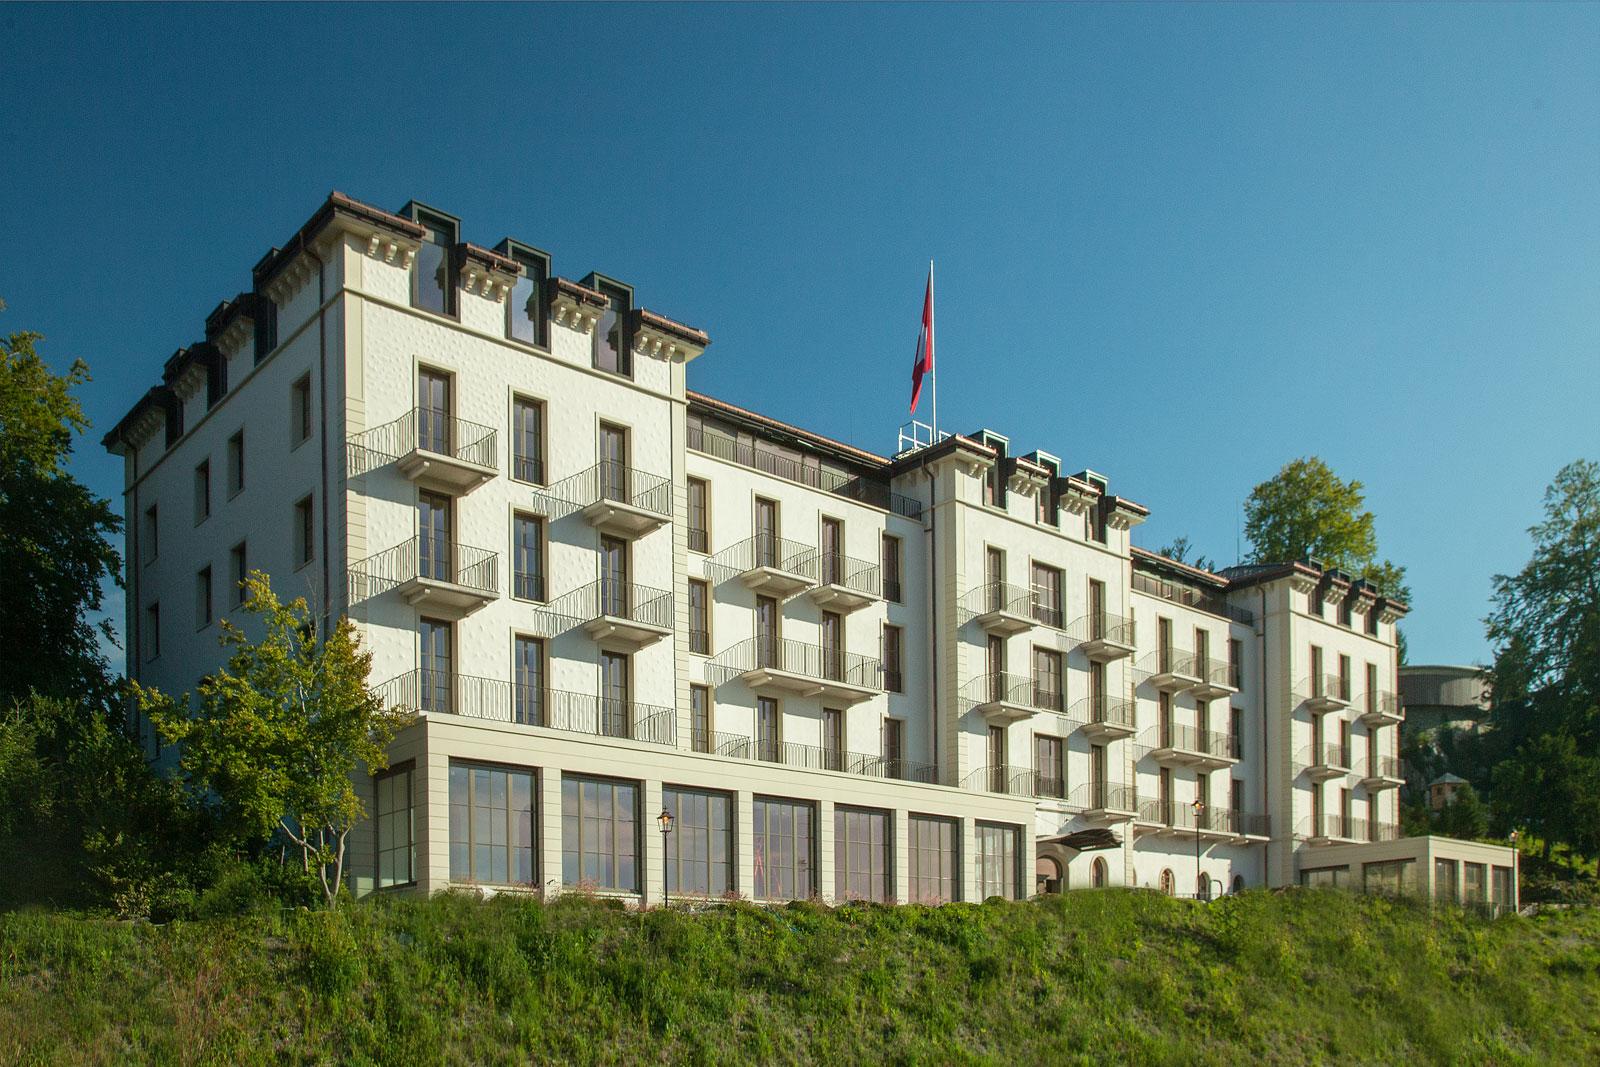 Grand Hotel R Ef Bf Bdgen